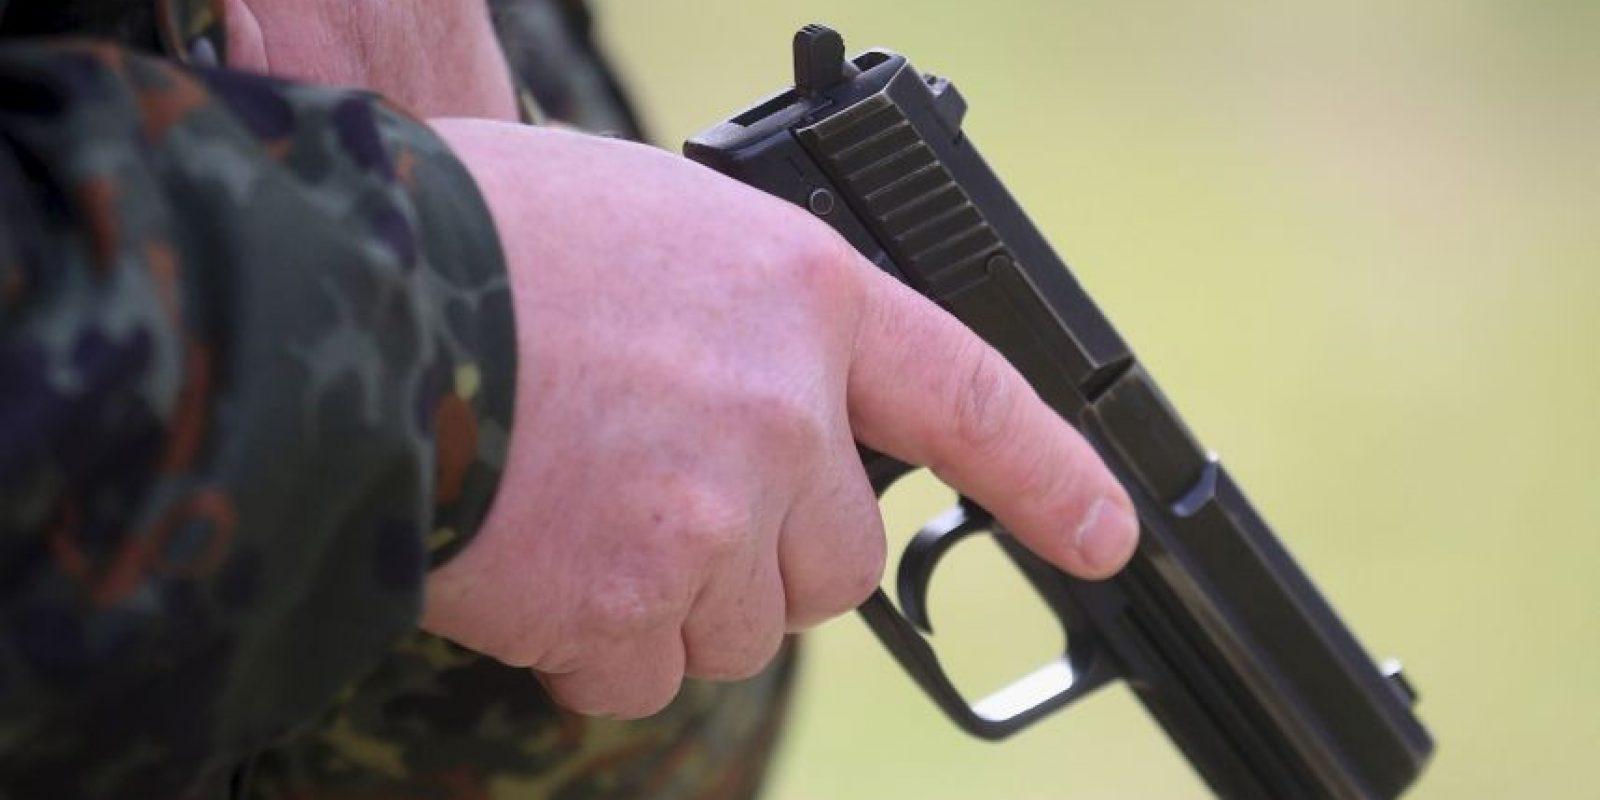 Cuando apuntó con el arma a su madre esta pensó que se trataba de una broma pesada por lo que la iba acusar con su papá. Foto:Getty Images